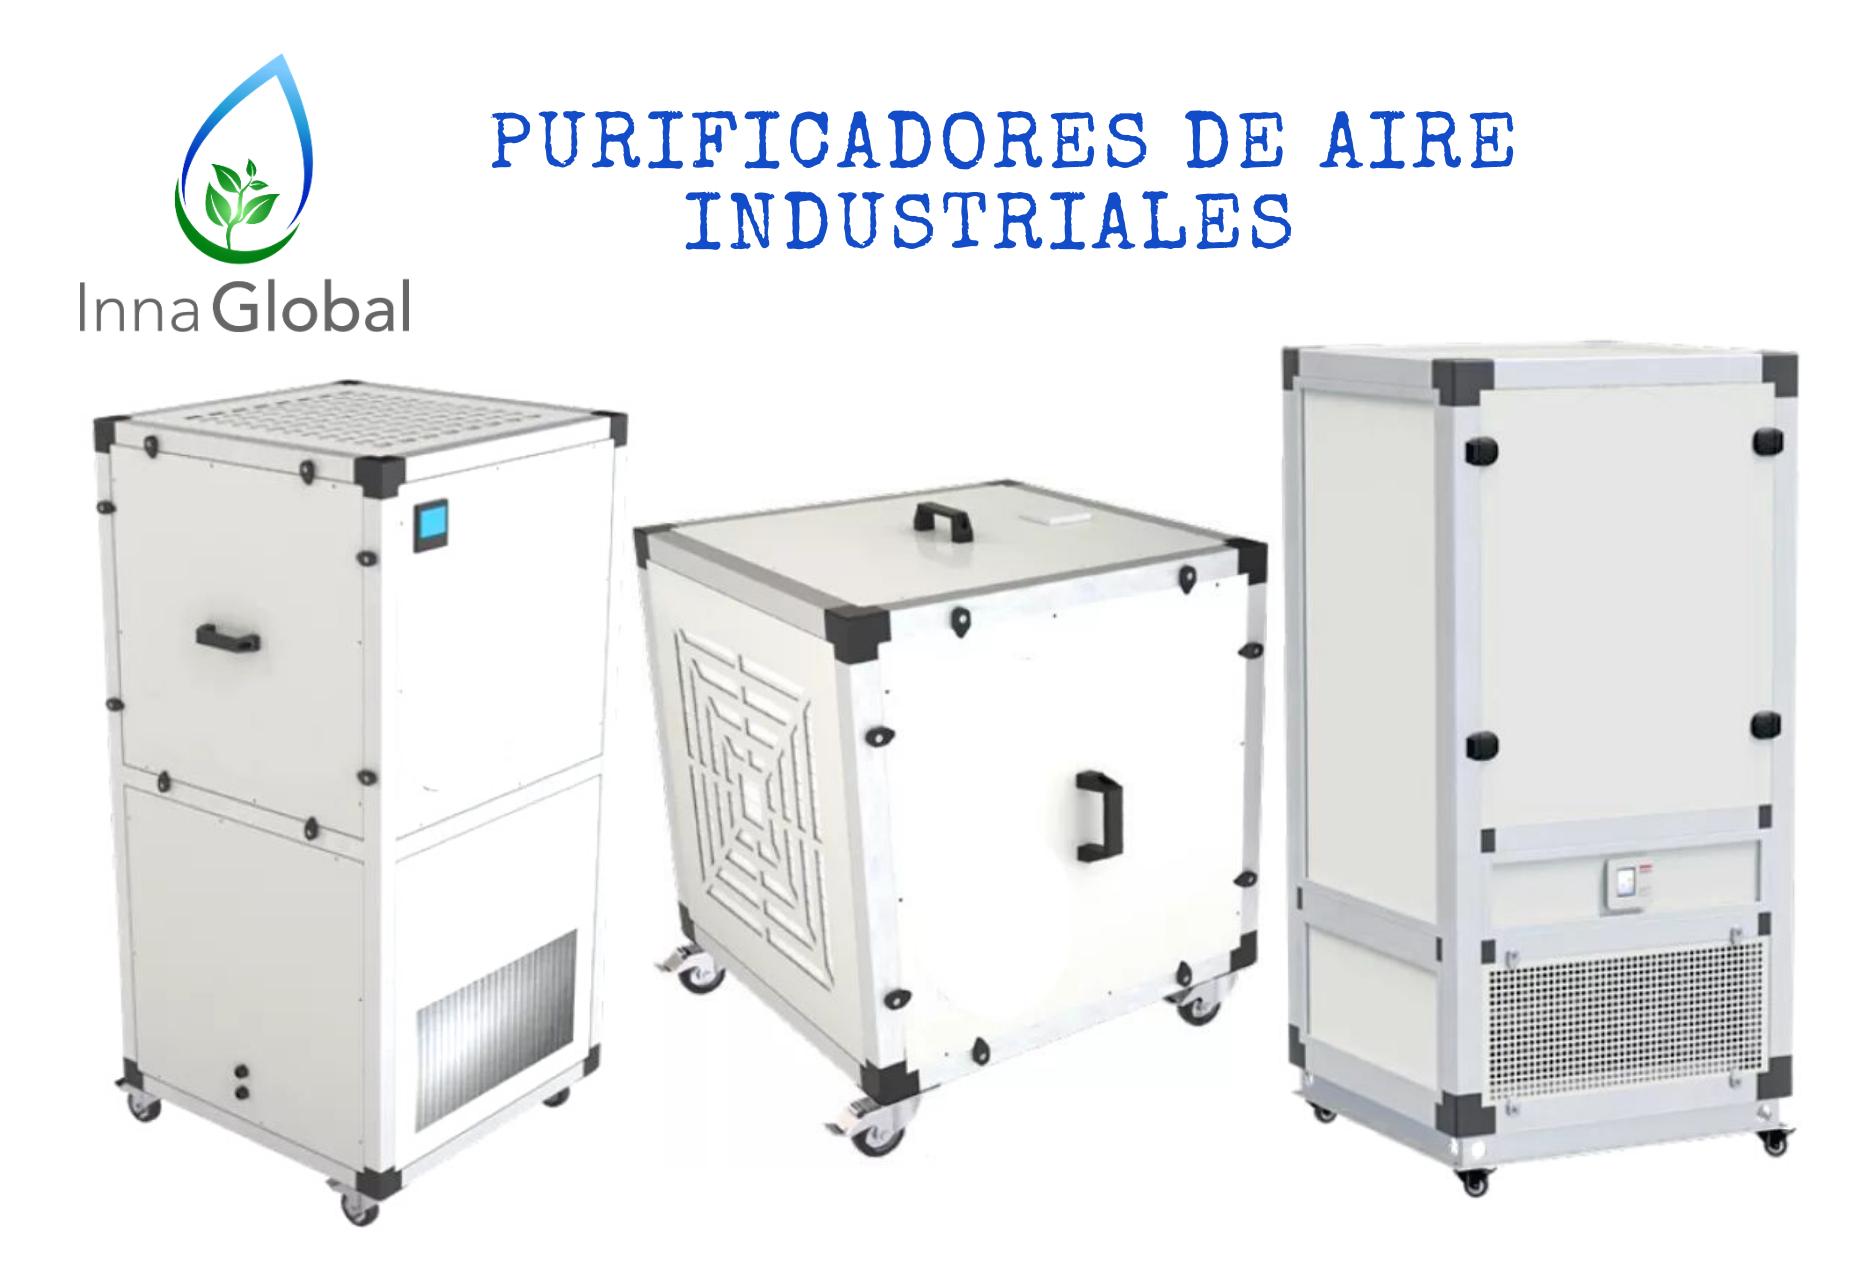 Prevención frente a la Covid-19: purificadores de aire industriales